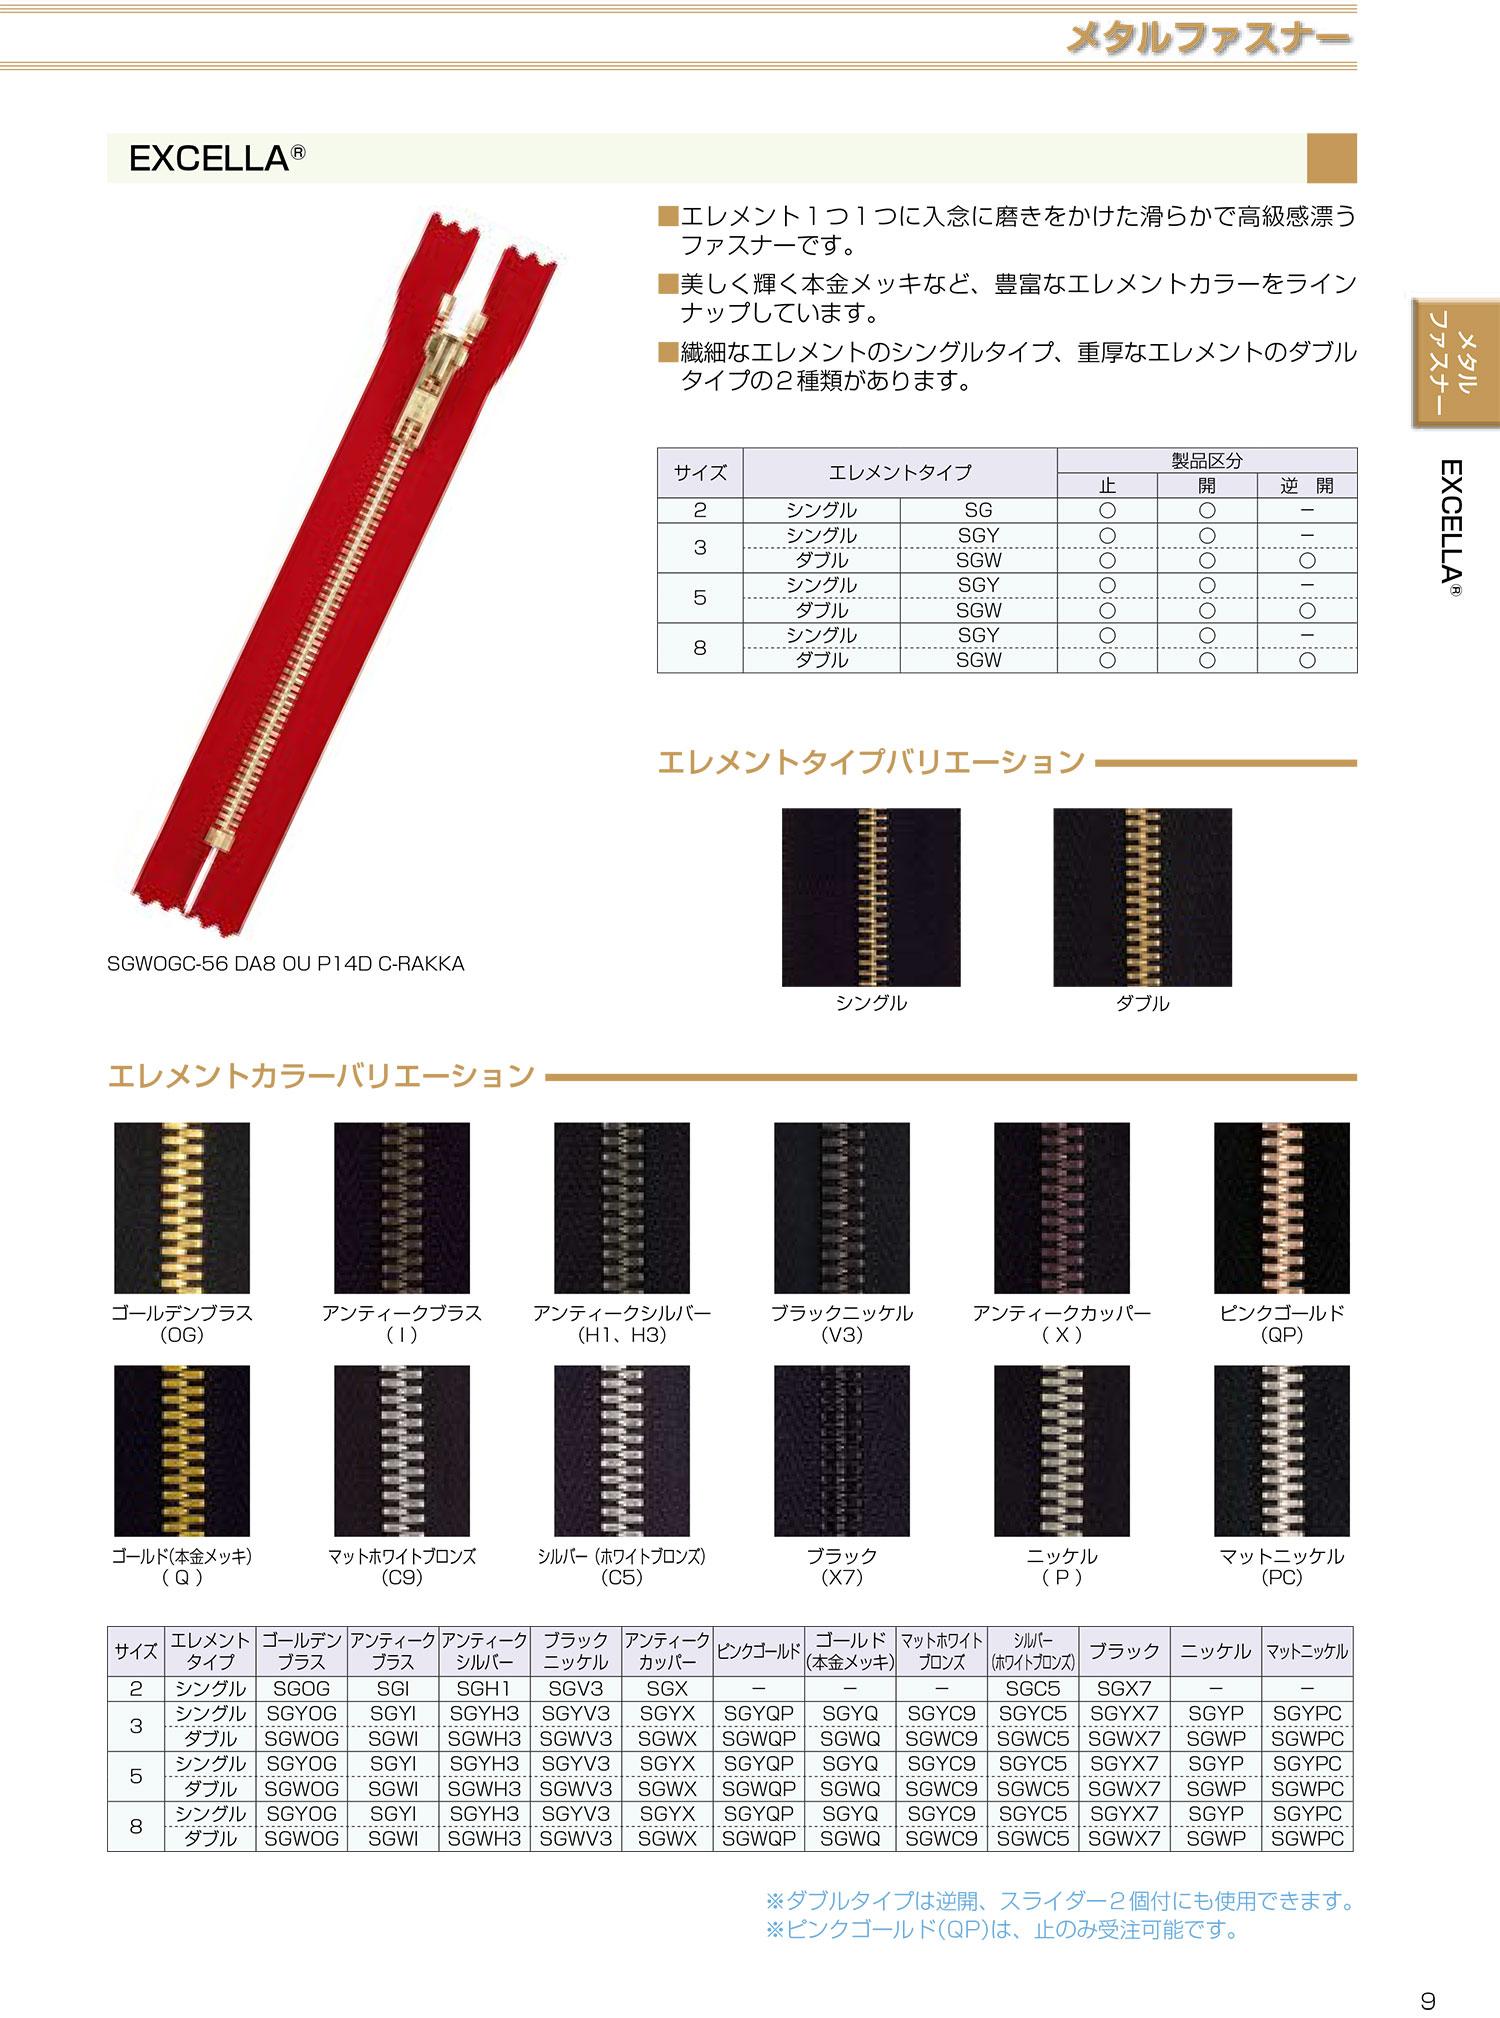 5SGWPC エクセラ 5サイズ ニッケル 止め ダブル[ファスナー] YKK/オークラ商事 - ApparelX アパレル資材卸通販